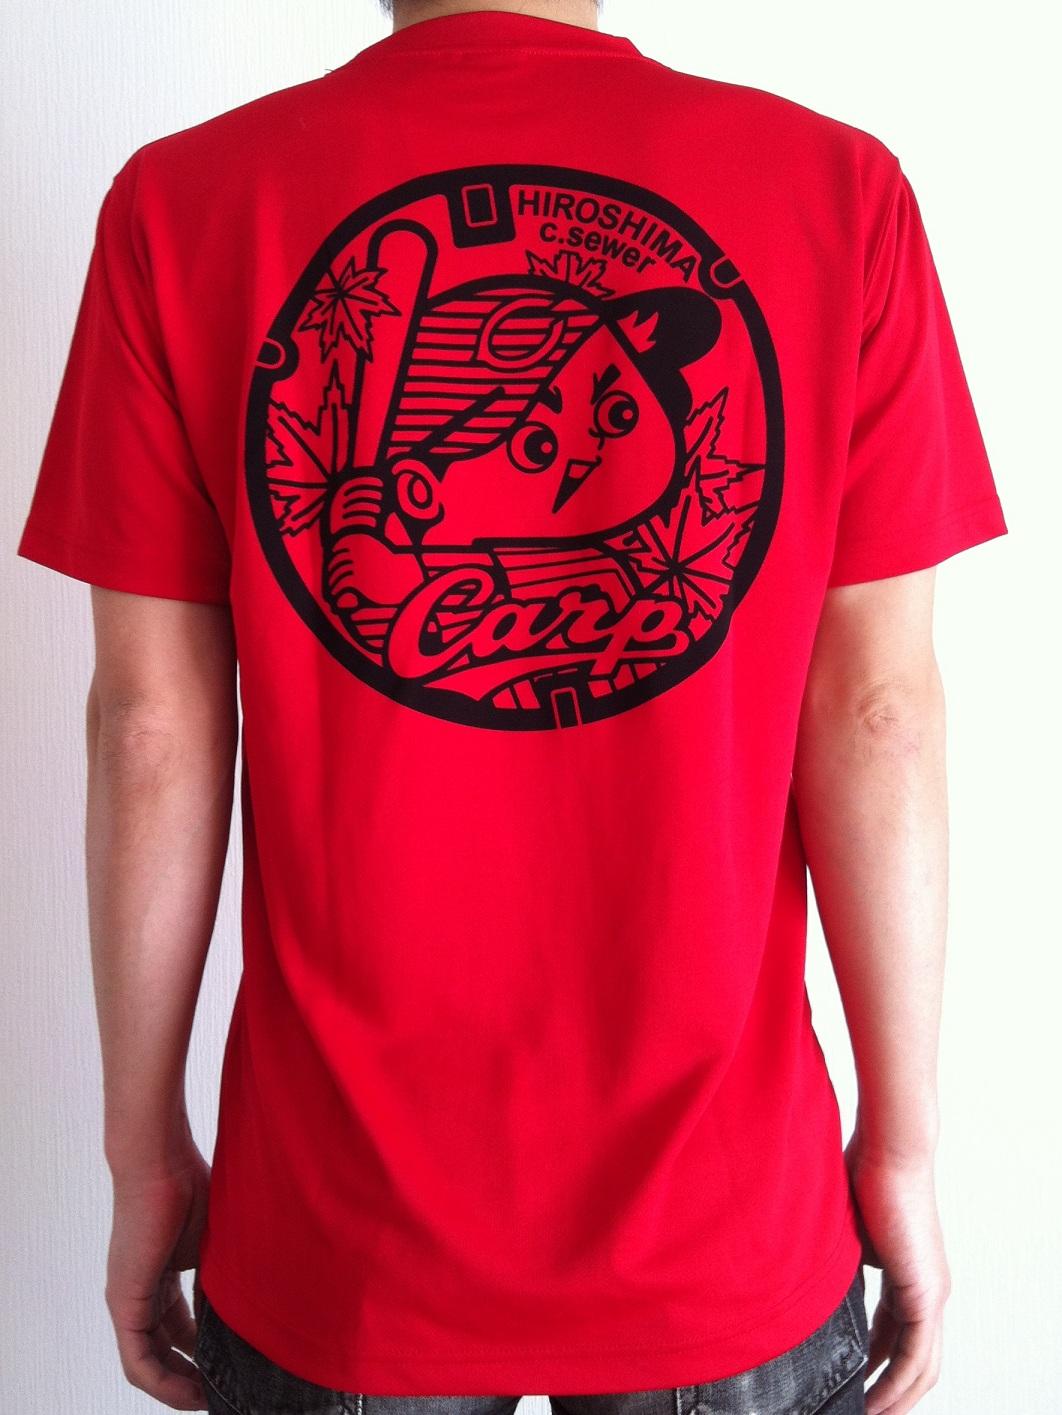 ご当地マンホールTシャツ 広島東洋カープ×広島市下水道局 レッド 【子ども用】